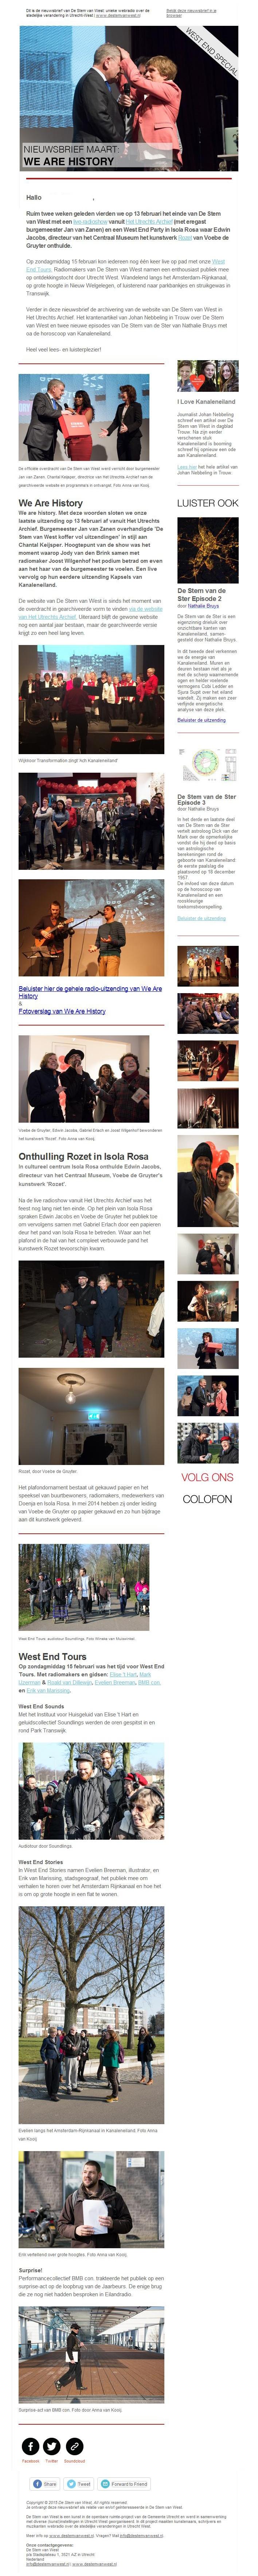 nieuwsbrief 23 - maart 2015